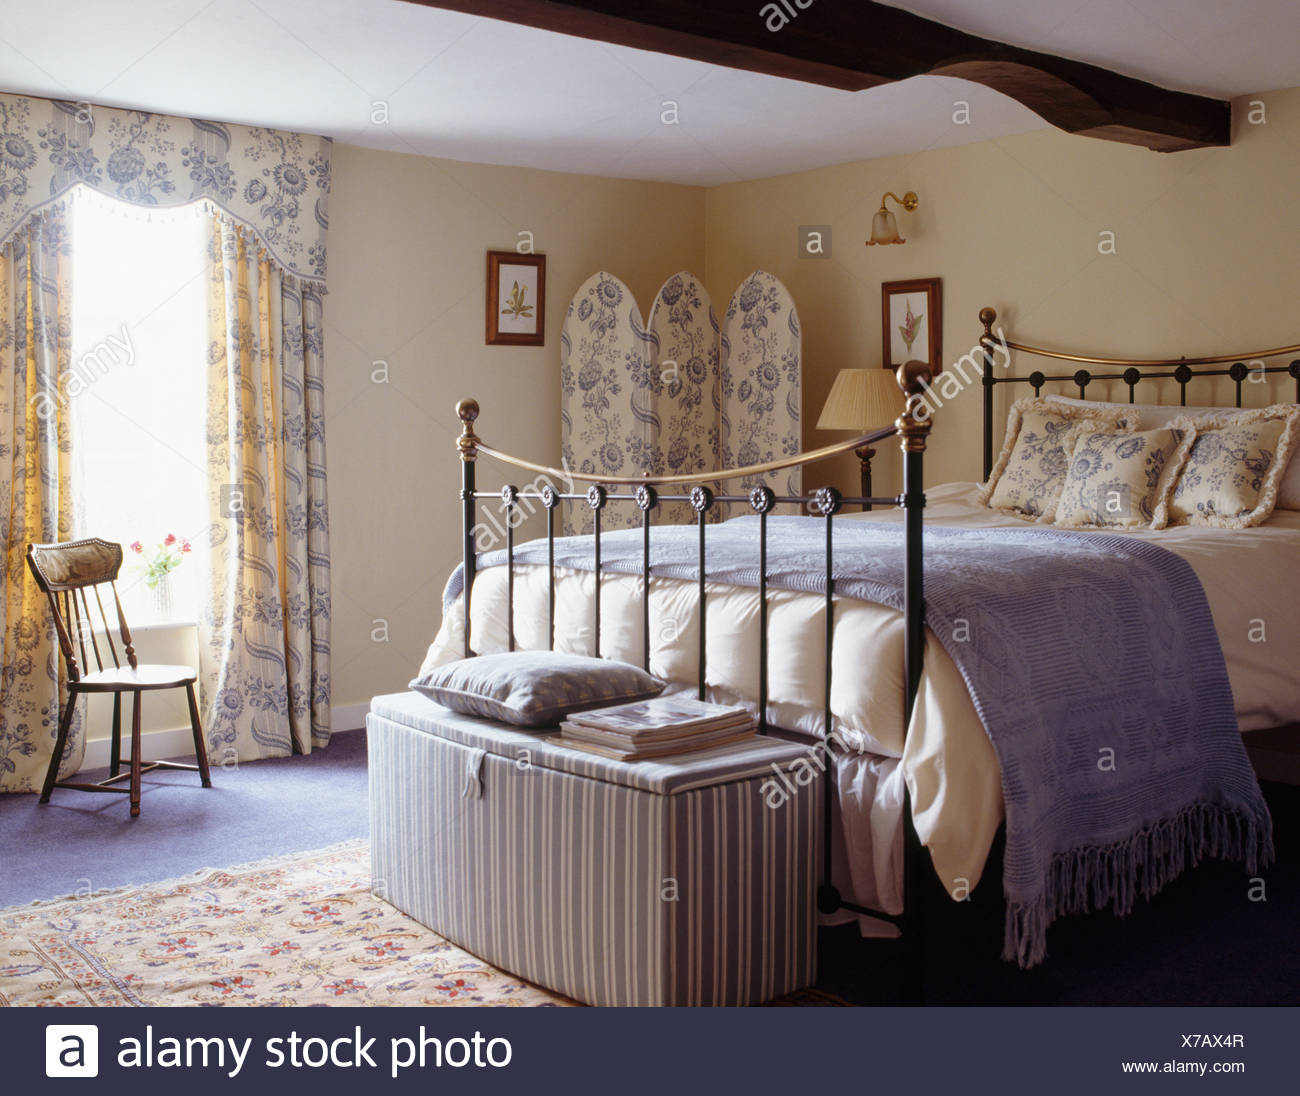 Bed Blue Toile De Jouy Imágenes De Stock & Bed Blue Toile De Jouy ...